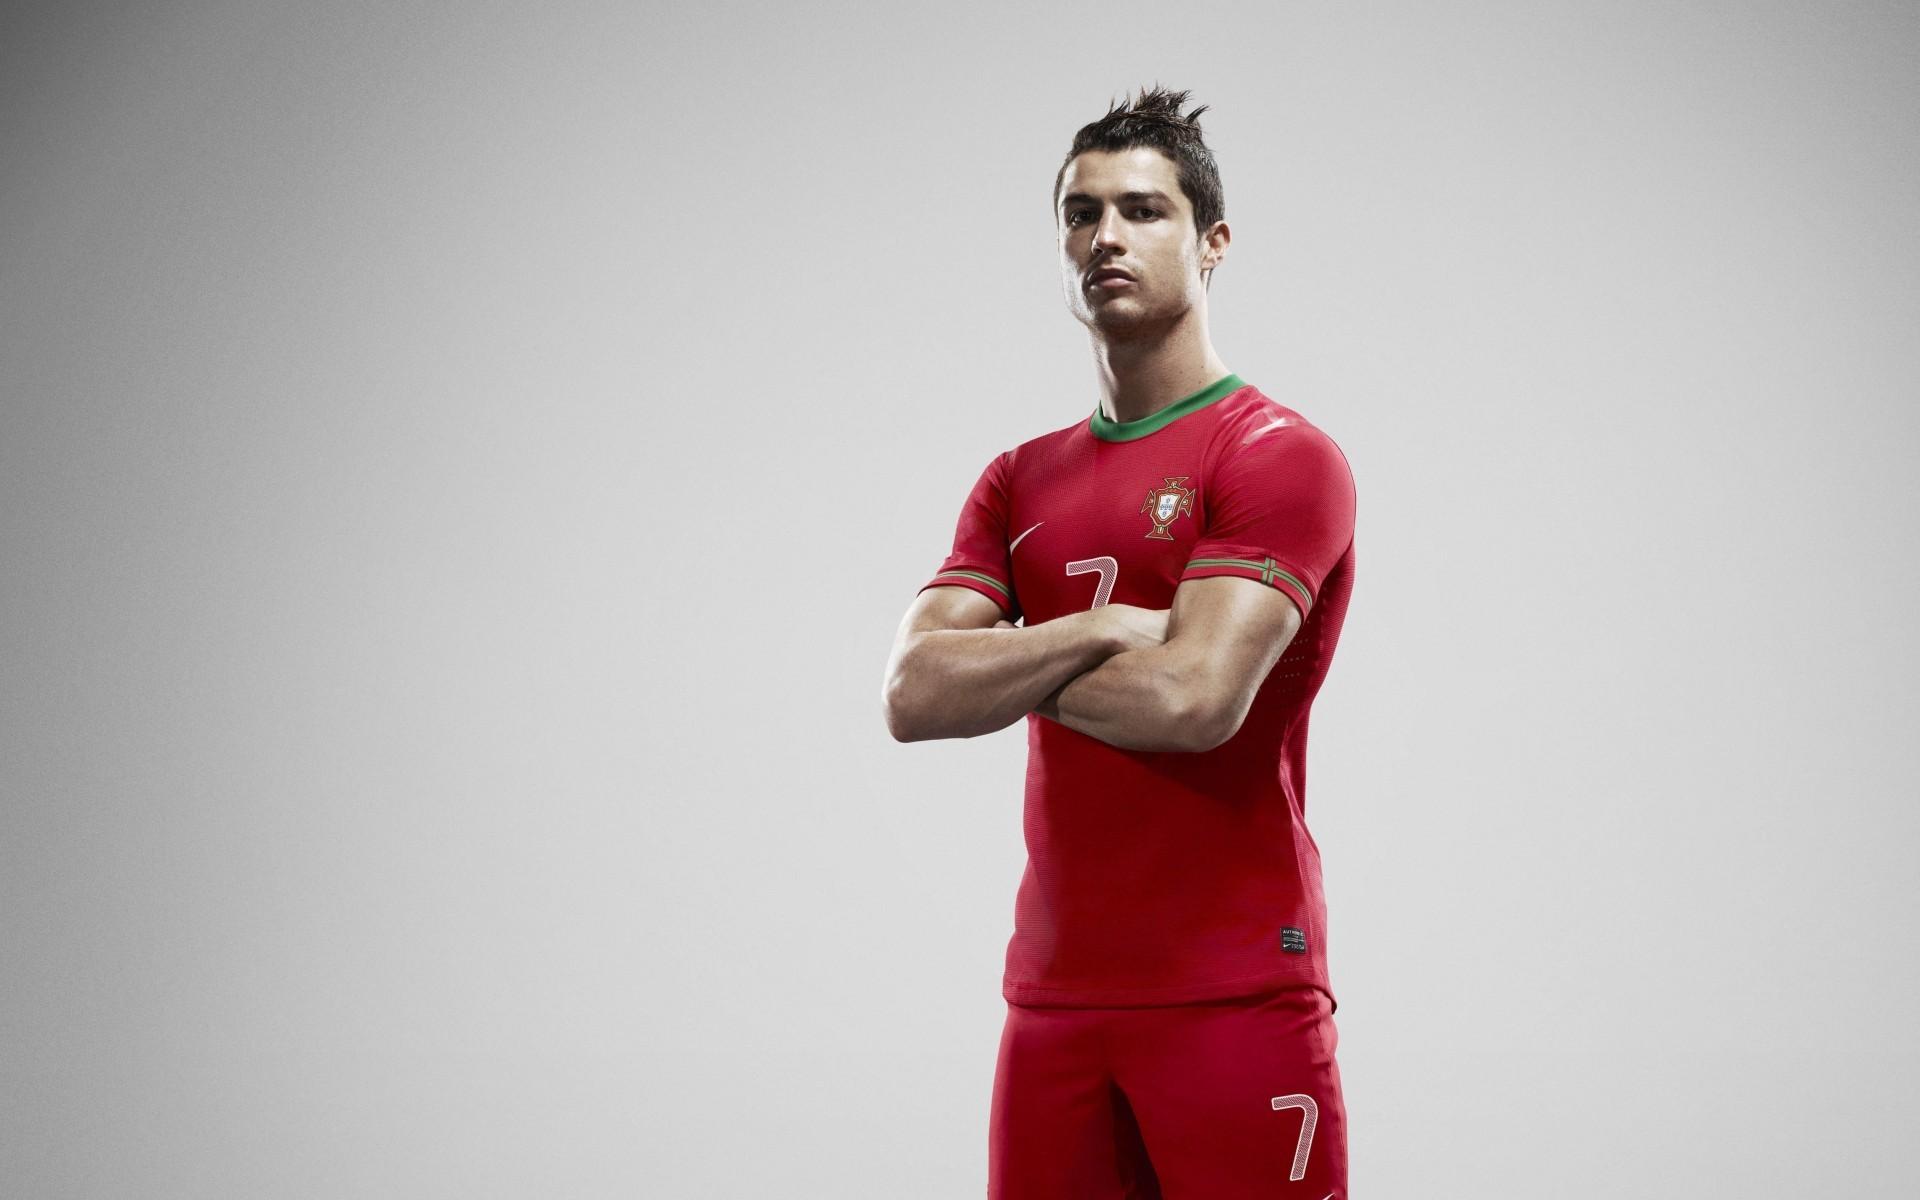 Cristiano Ronaldo, Portugal HD Wallpapers Download – https://wallucky.com/ cristiano-ronaldo-portugal-hd-wallpapers-download/ | Pinterest | Cristiano  ronaldo, …